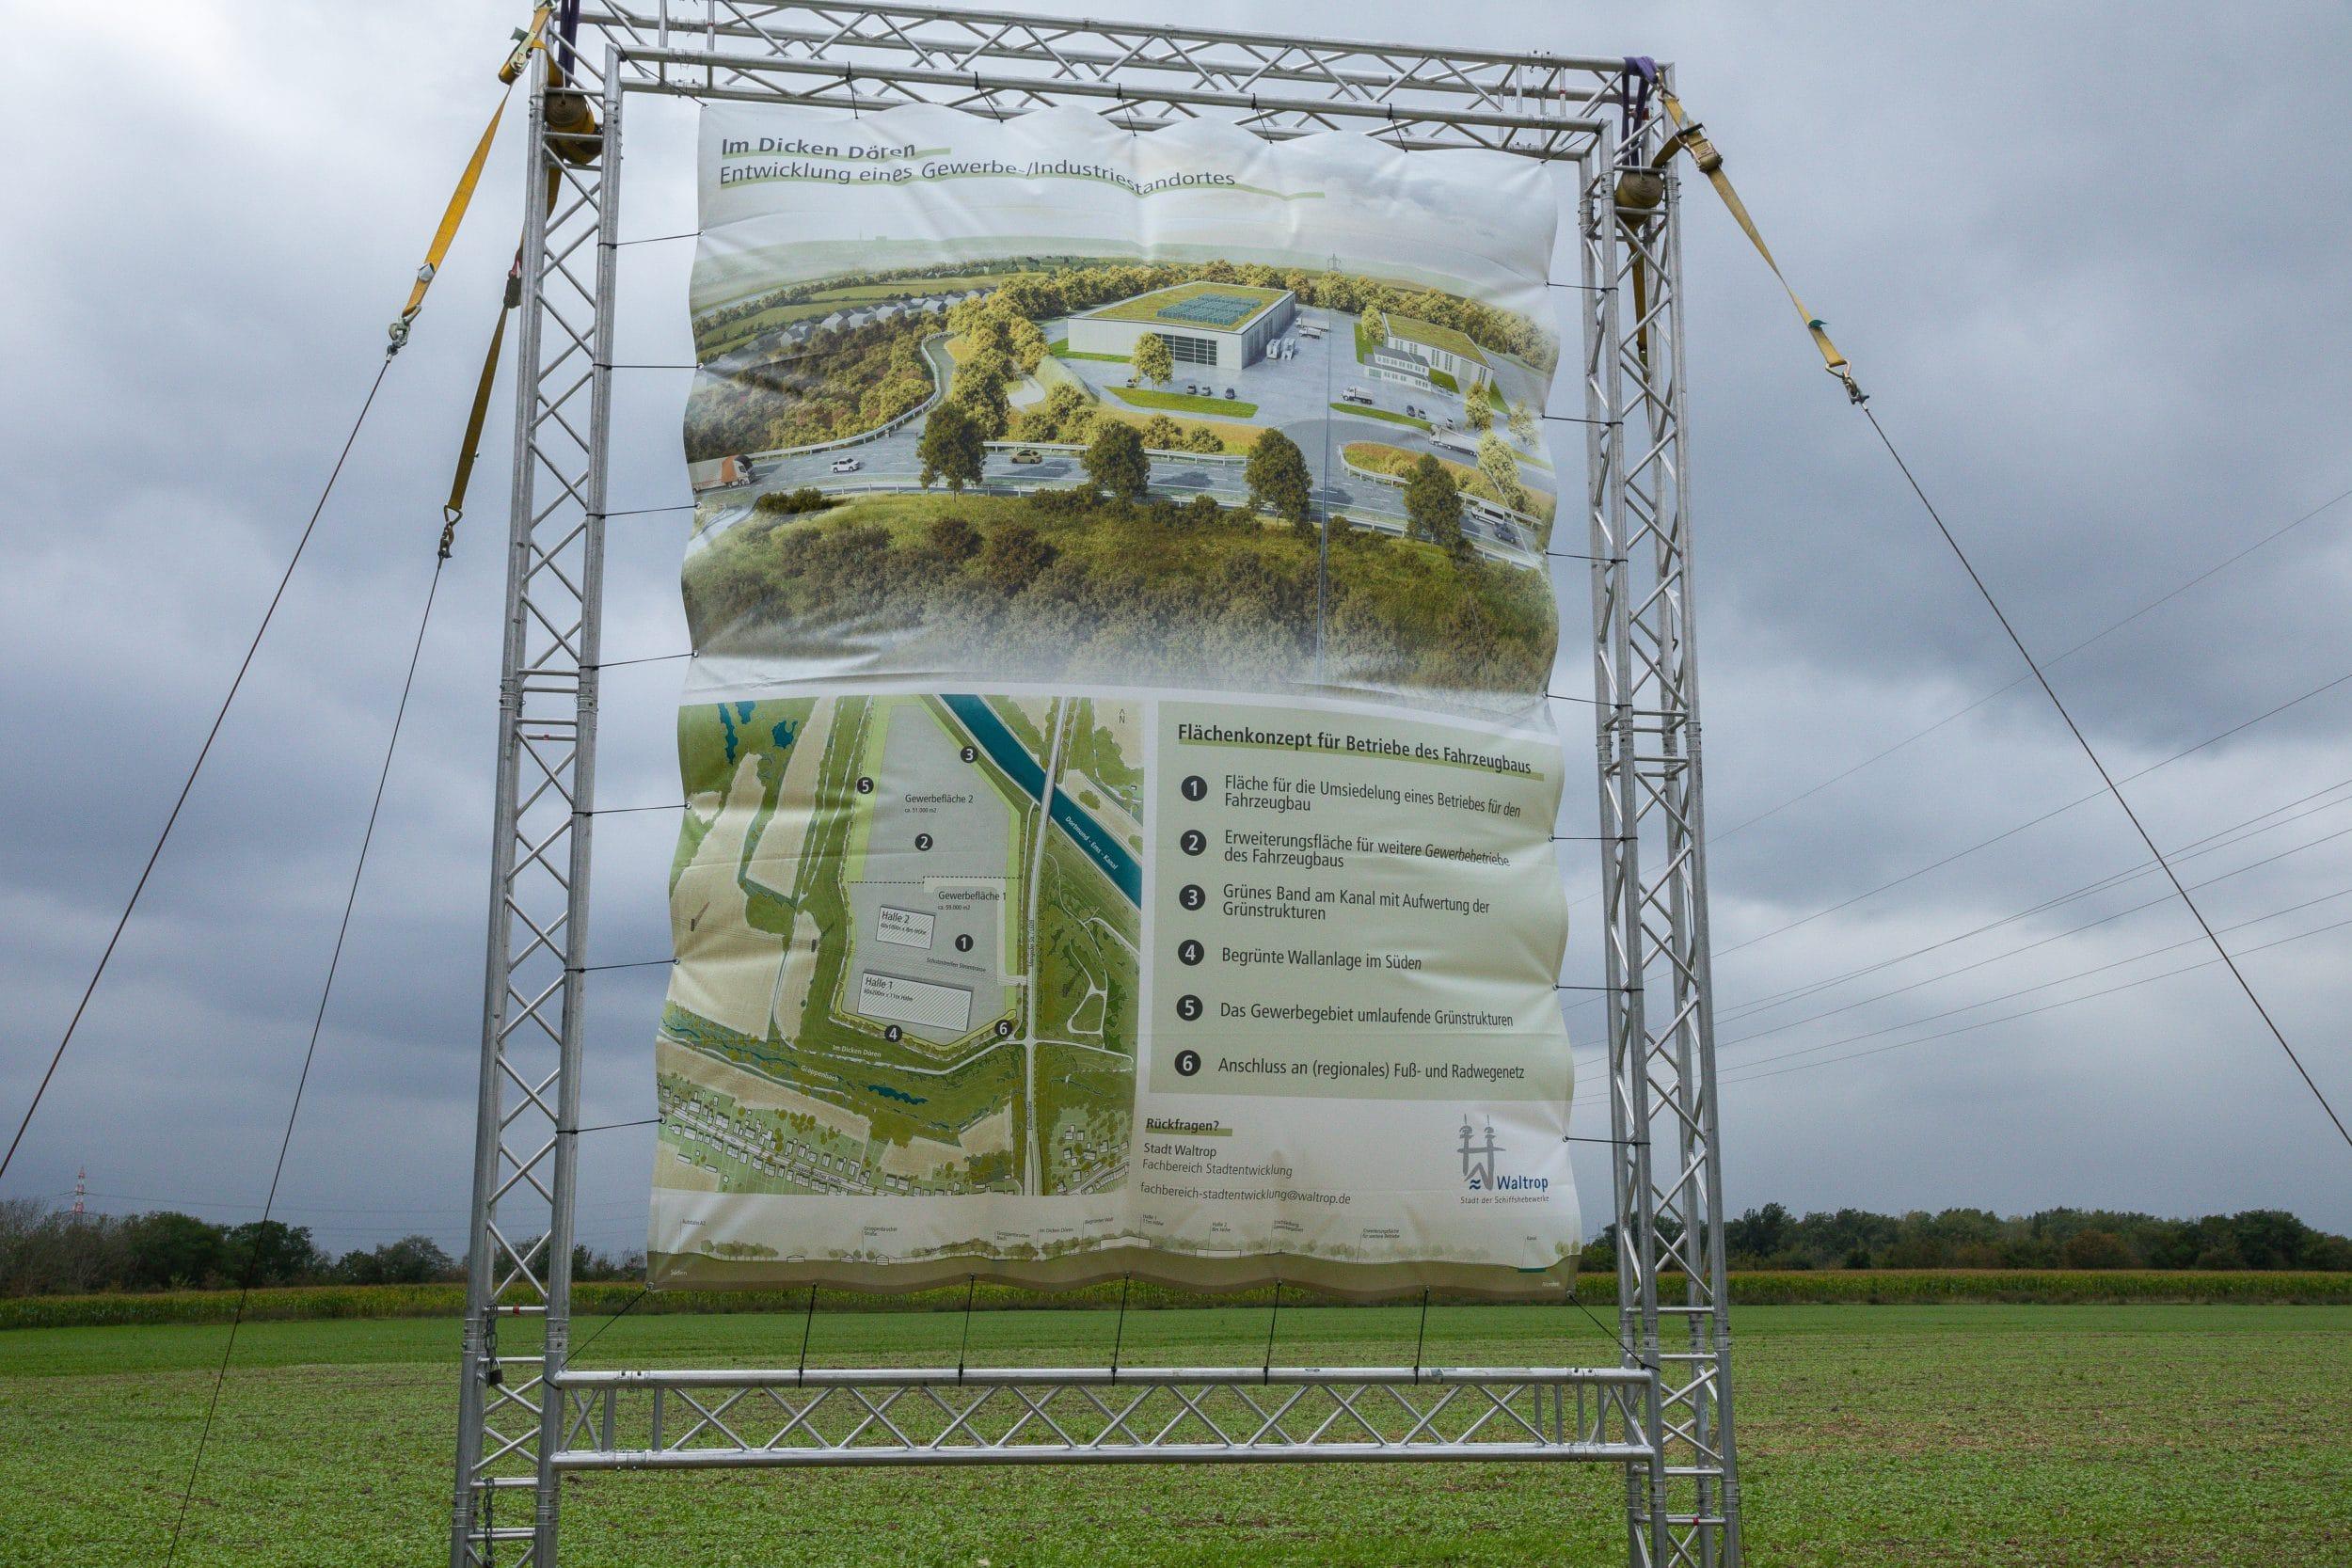 """Ein von der Stadt Waltrop aufgestelltes Bauschild weist auf das Bauvorhaben """"Im dicken Dören"""" hin. (Fotos: IN-StadtMagazine)"""